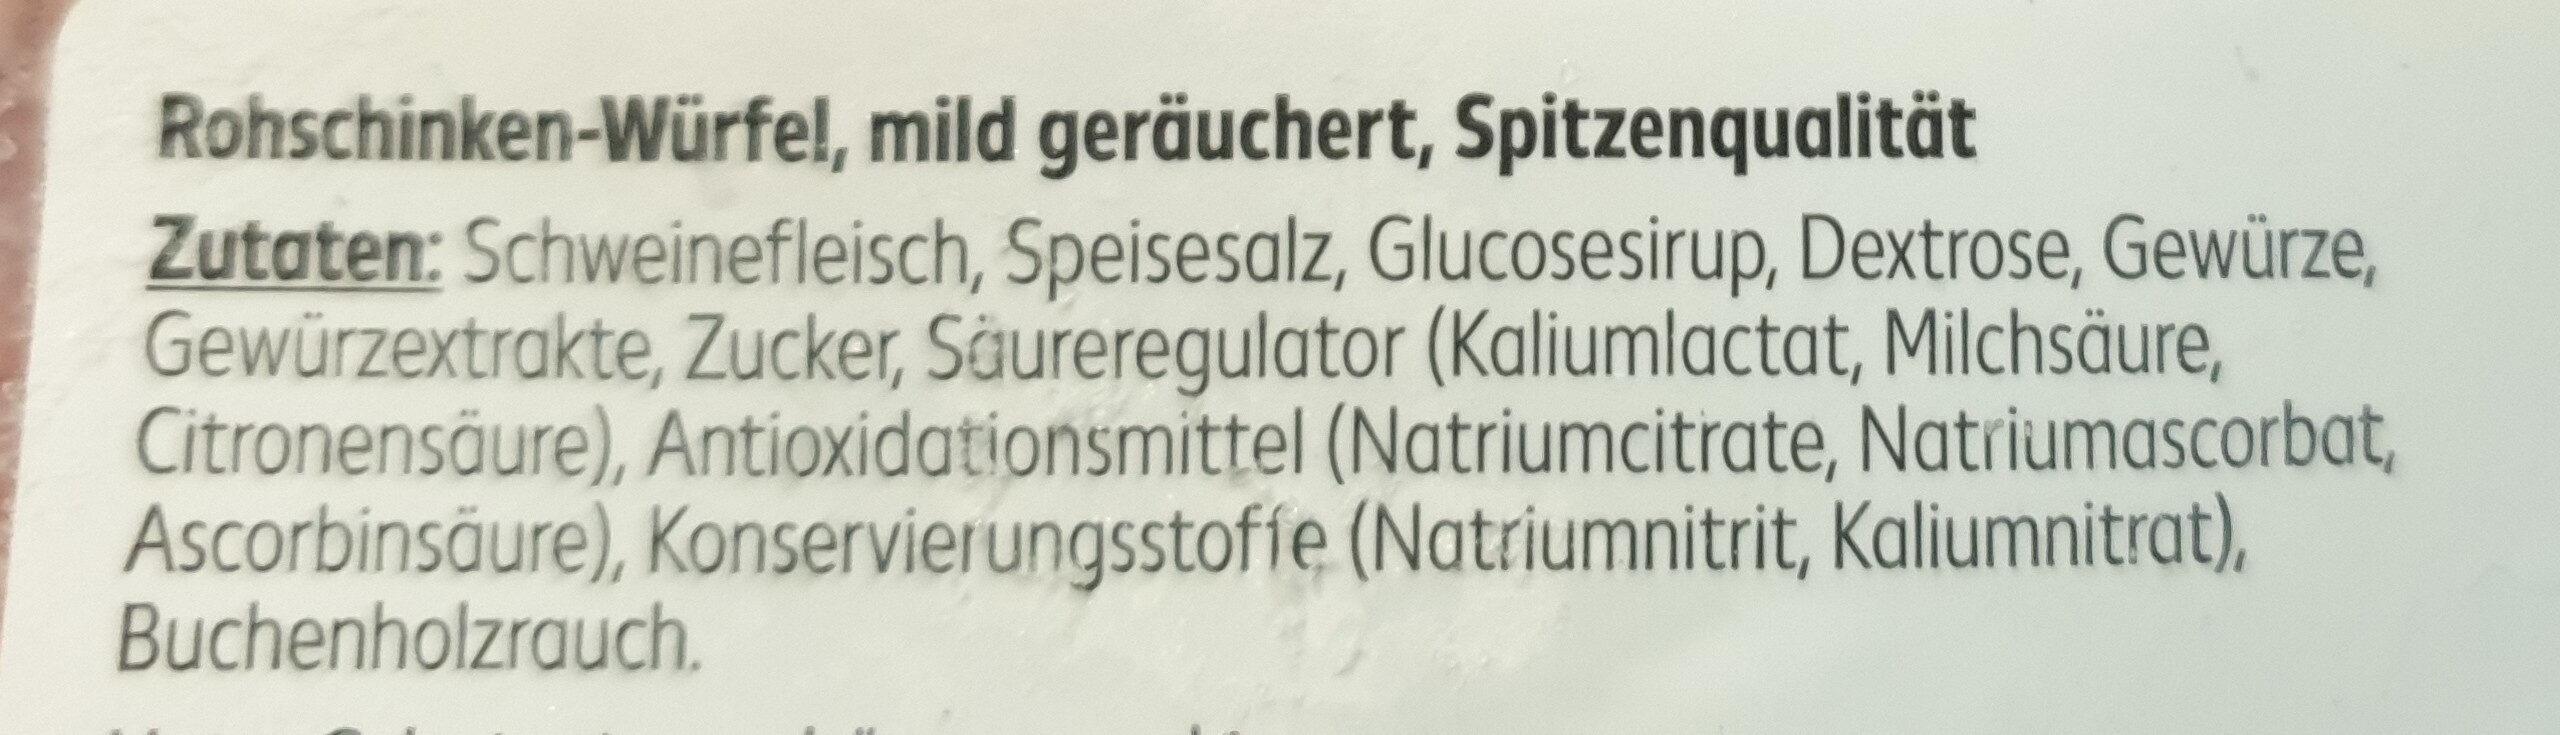 Rohschinken-Würfel / Lardons - Ingredients